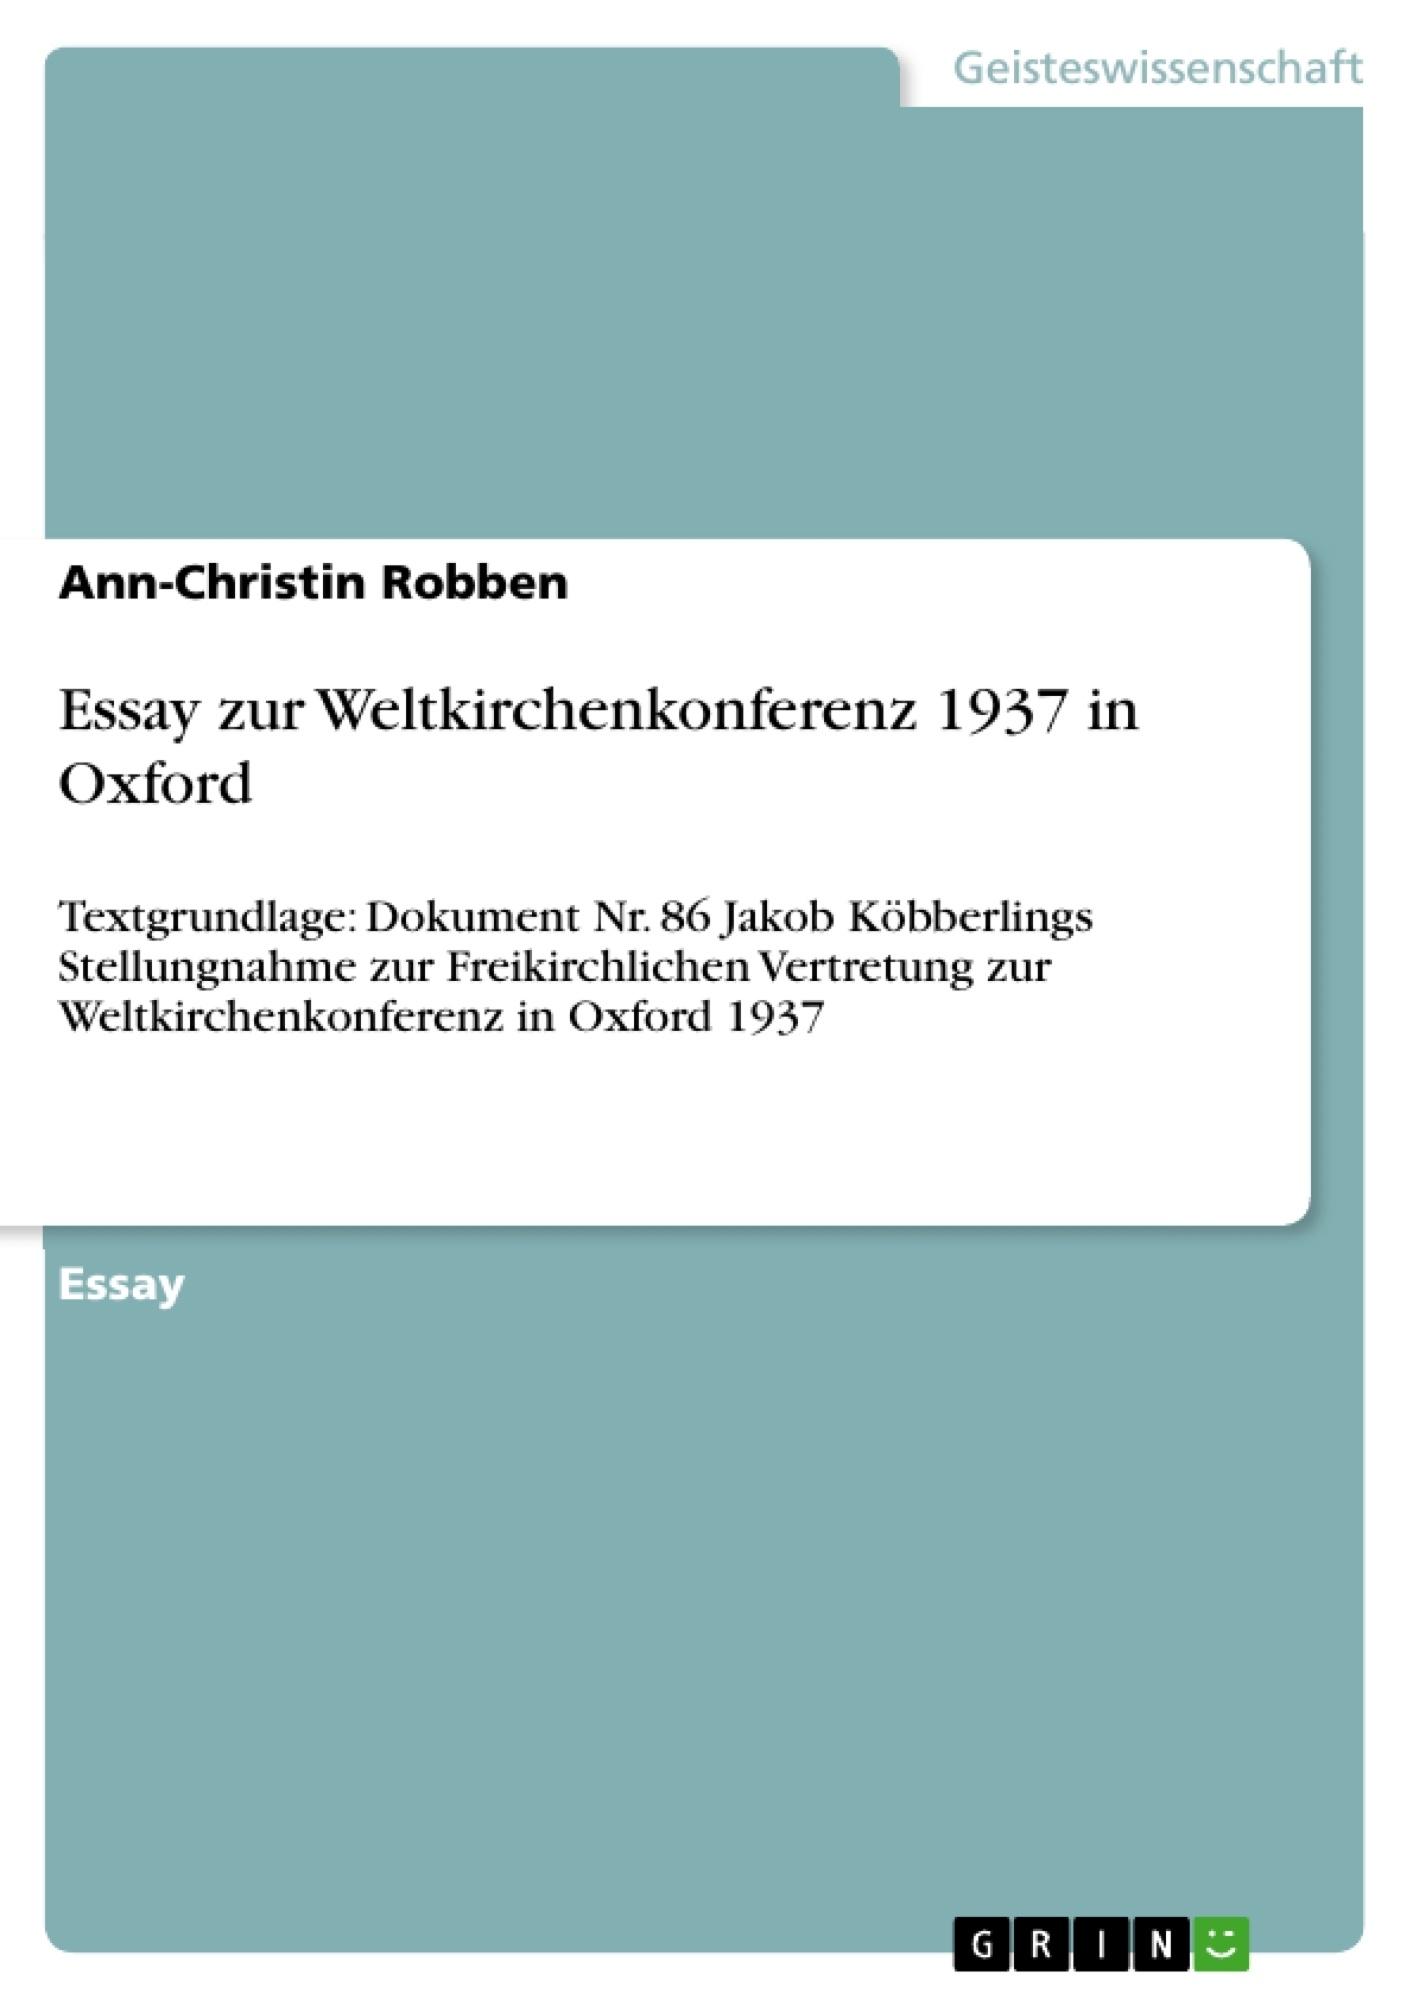 Titel: Essay zur Weltkirchenkonferenz 1937 in Oxford